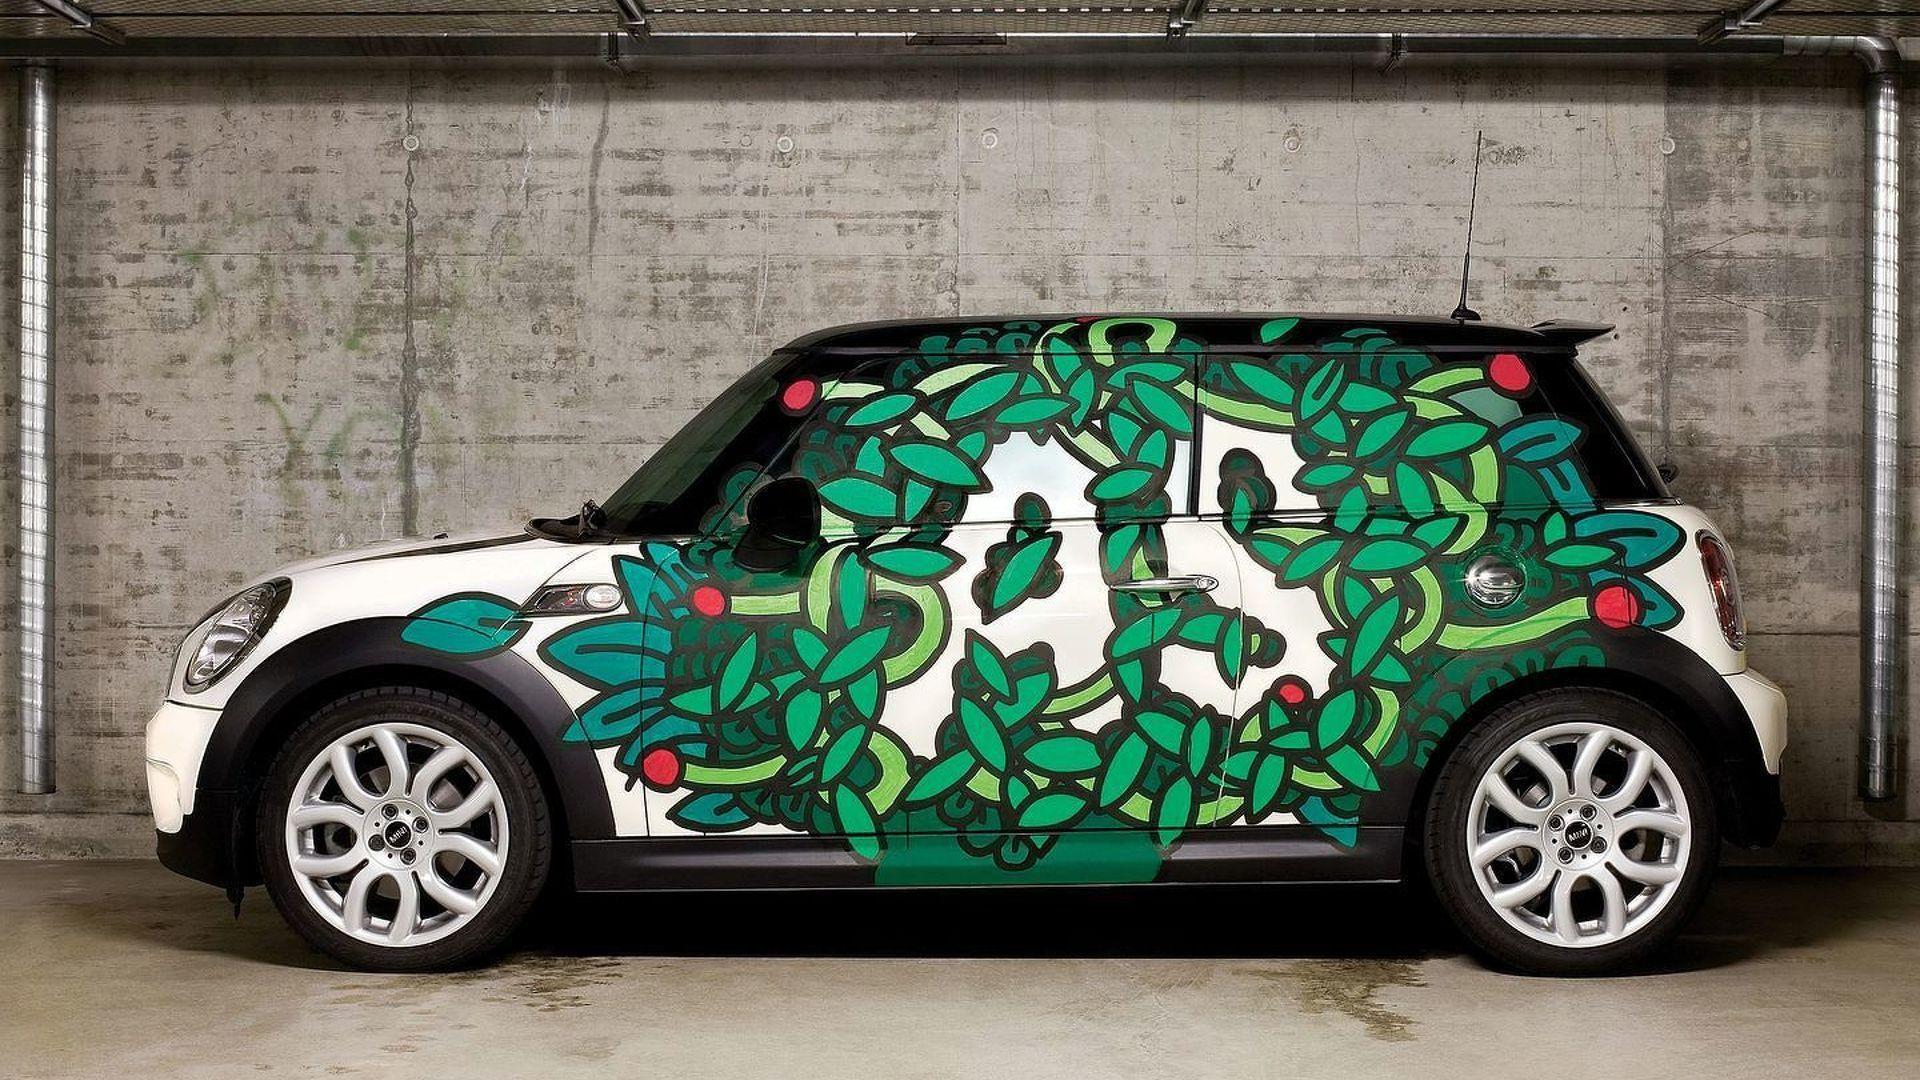 Project 'Wash Me' shows ten artists' interpretation of a ...